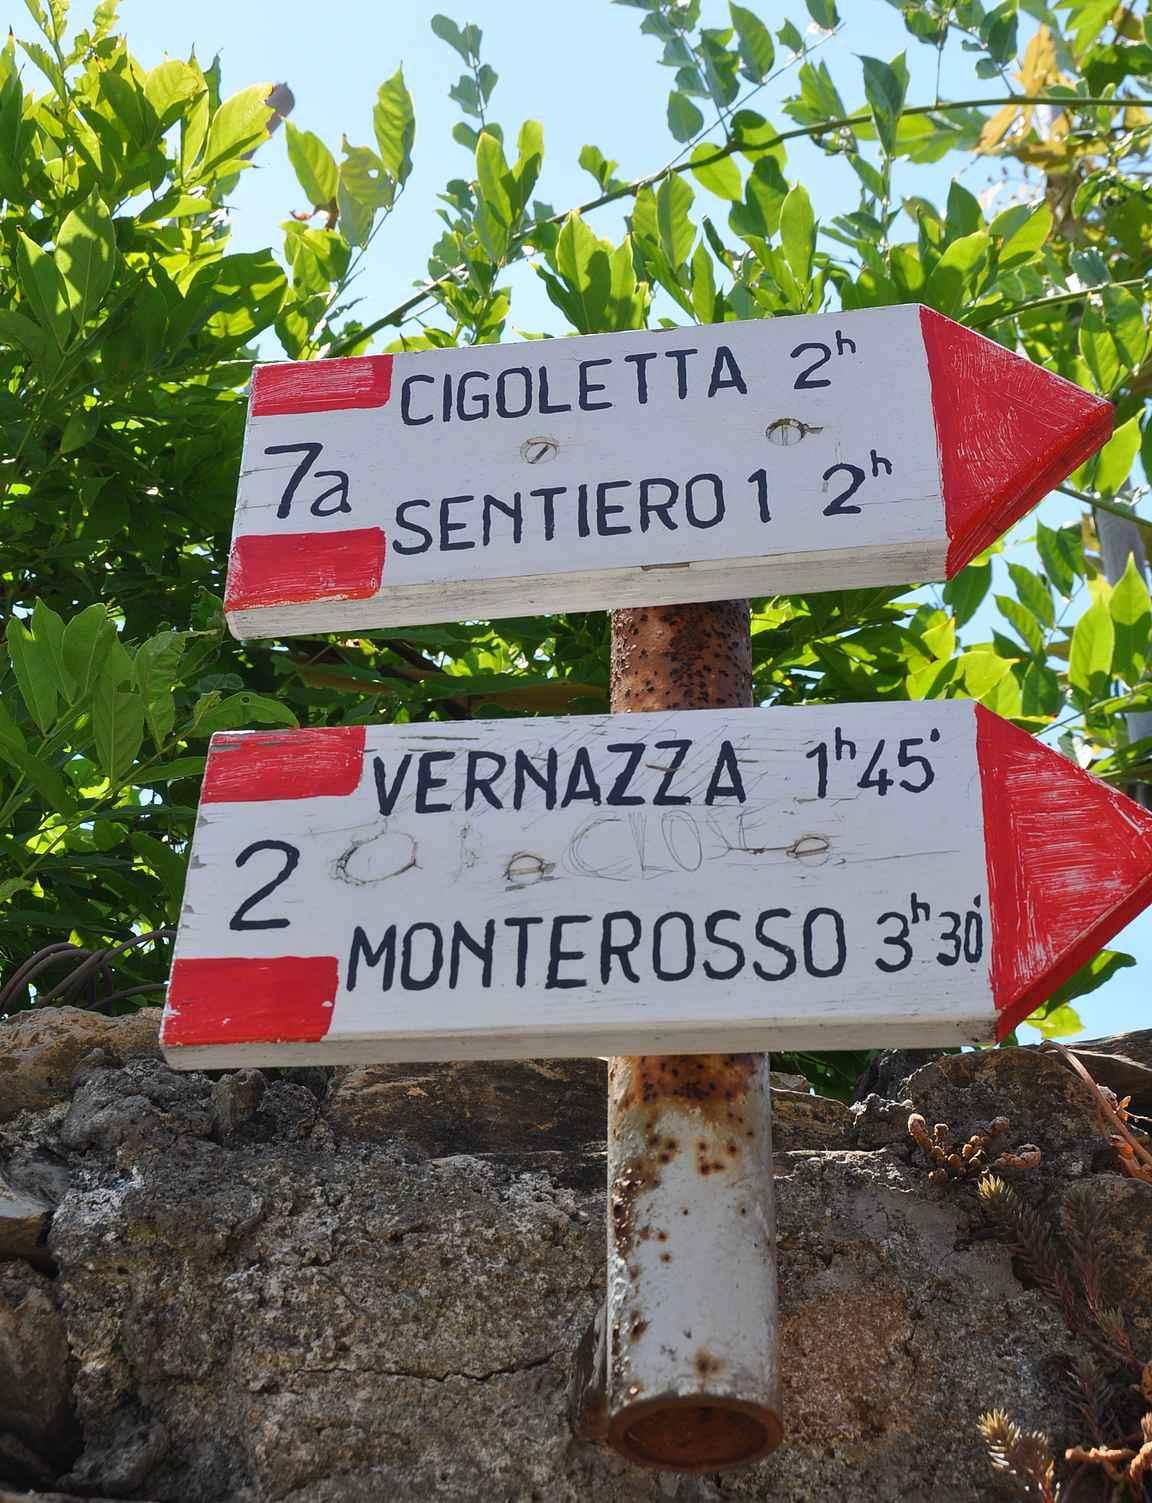 Kohti Vernazzaa ja lopullista päämäärä Monterossoa.